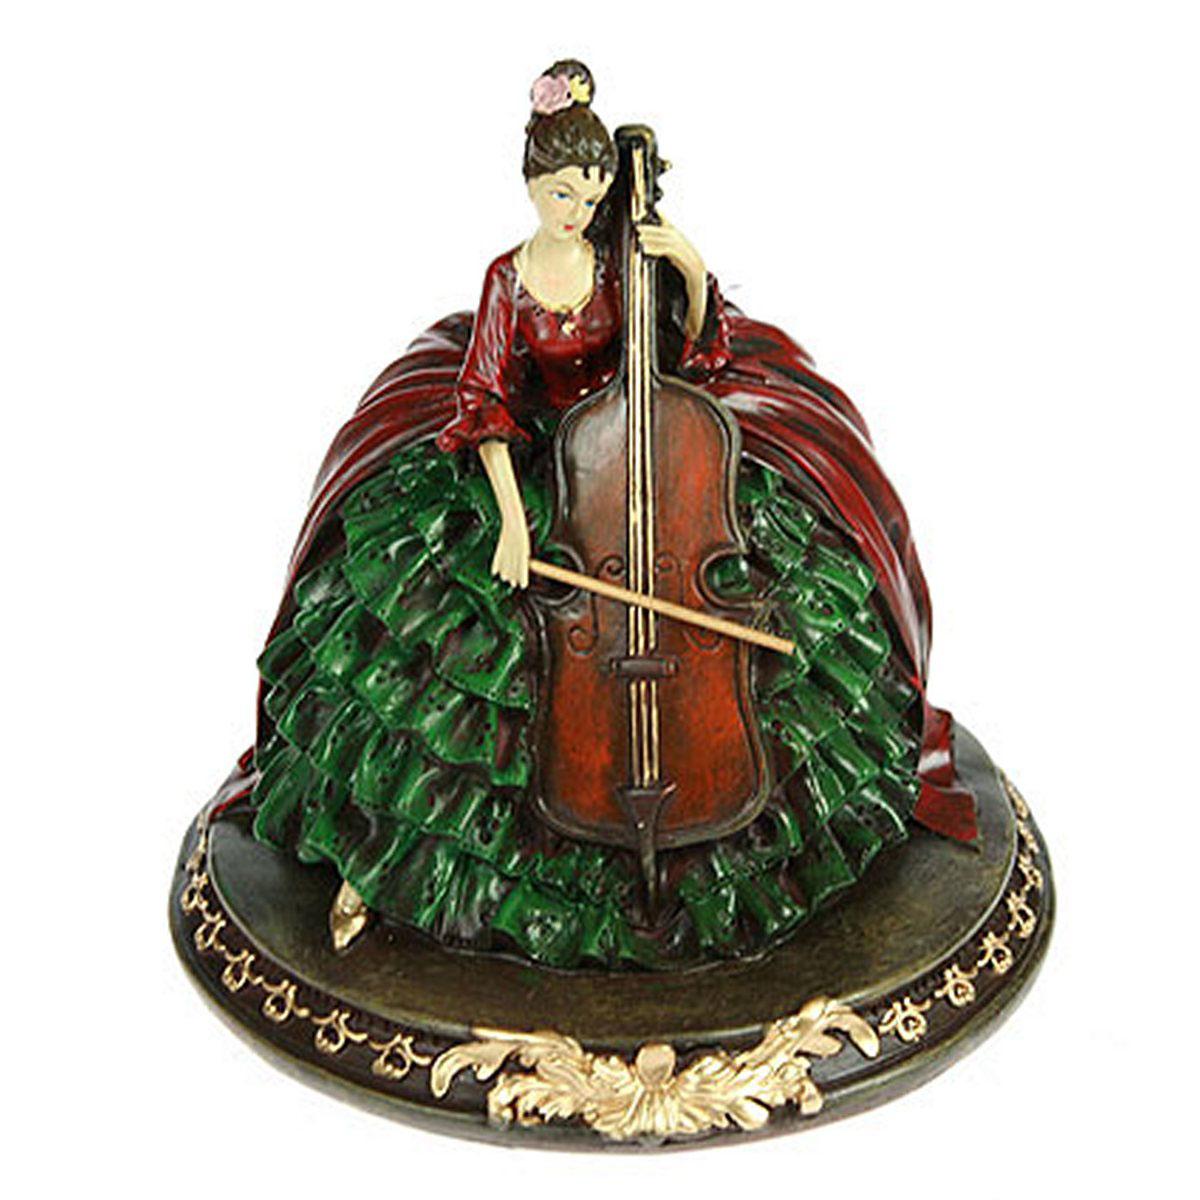 Статуэтка Русские Подарки Дама с виолончелью, 18 х 18 х 18 смTHN132NСтатуэтка Русские Подарки Дама с виолончелью, изготовленная изполистоуна, имеет изысканный внешний вид. Изделие станет прекрасным украшением интерьерагостиной, офиса или дома. Вы можете поставить статуэтку влюбое место, где она будет удачно смотреться и радоватьглаз. Правила ухода: регулярно вытирать пыль сухой, мягкой тканью.